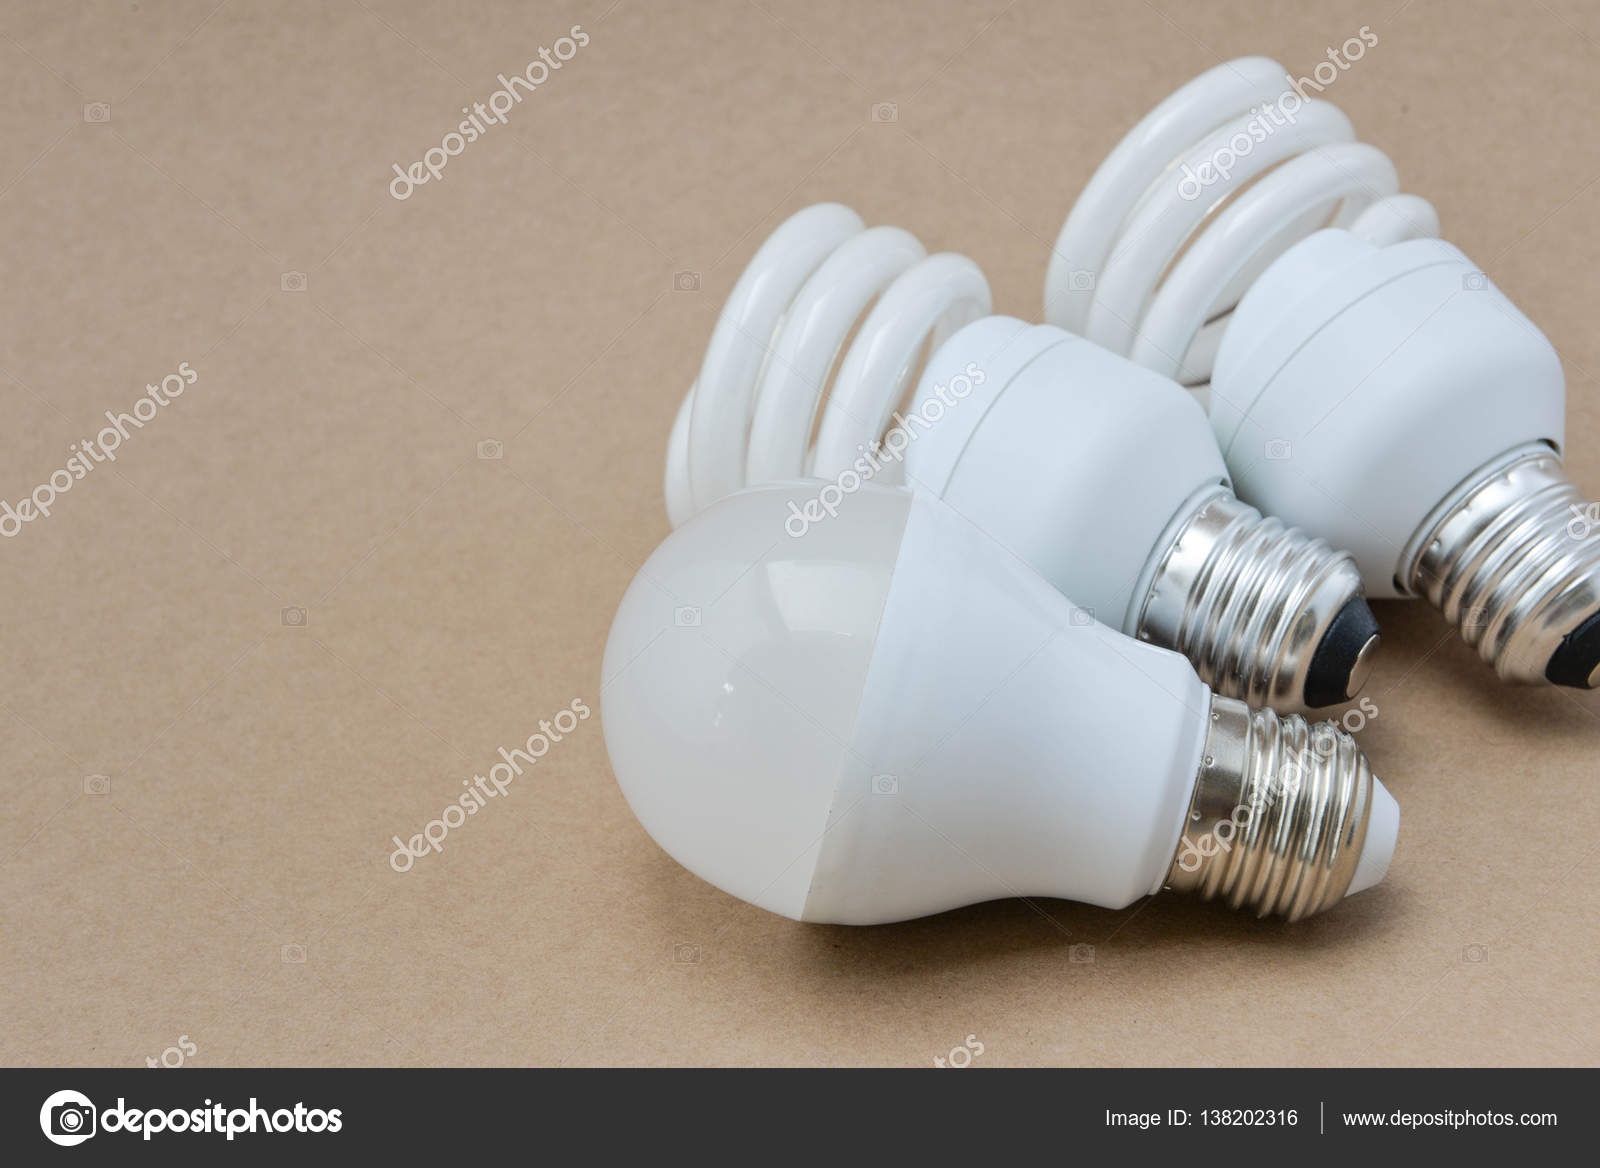 Pour Ampoule Led Choix De Et Fluorescente L'éclairage Le hQCtsrd